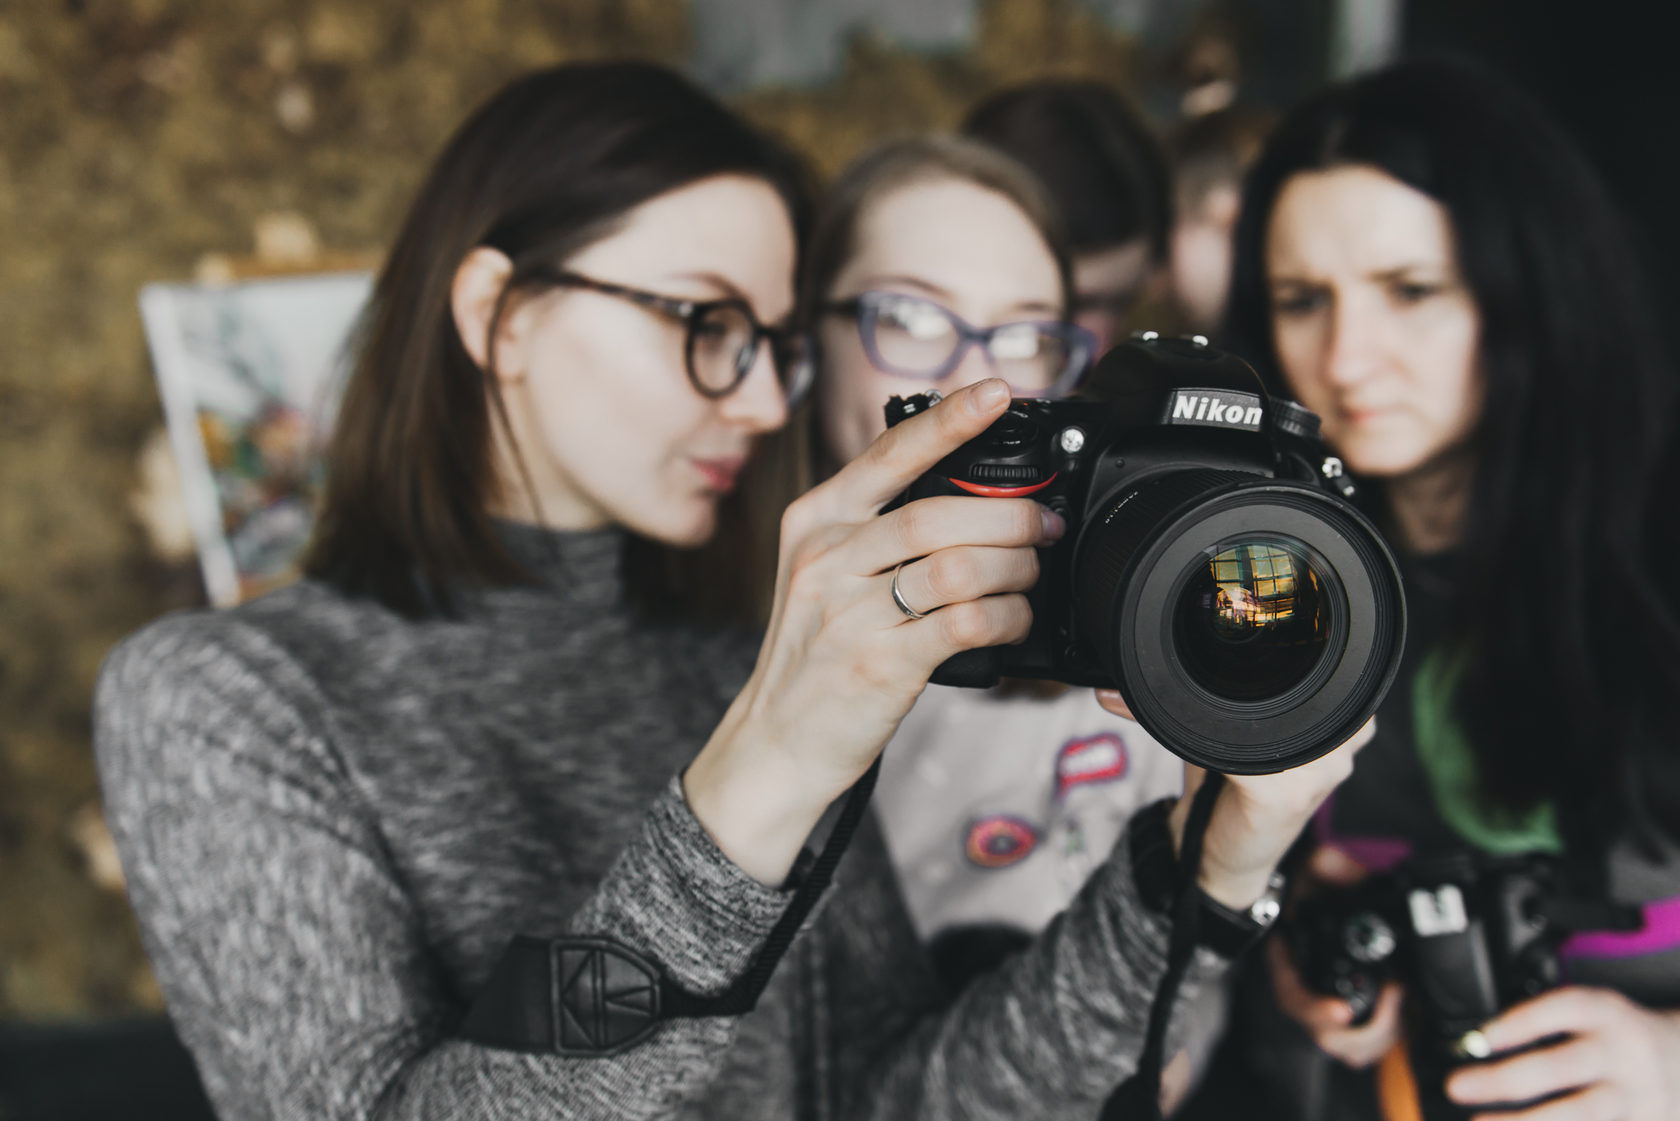 таза позволяет где найти начинающих фотографов этом чувствует